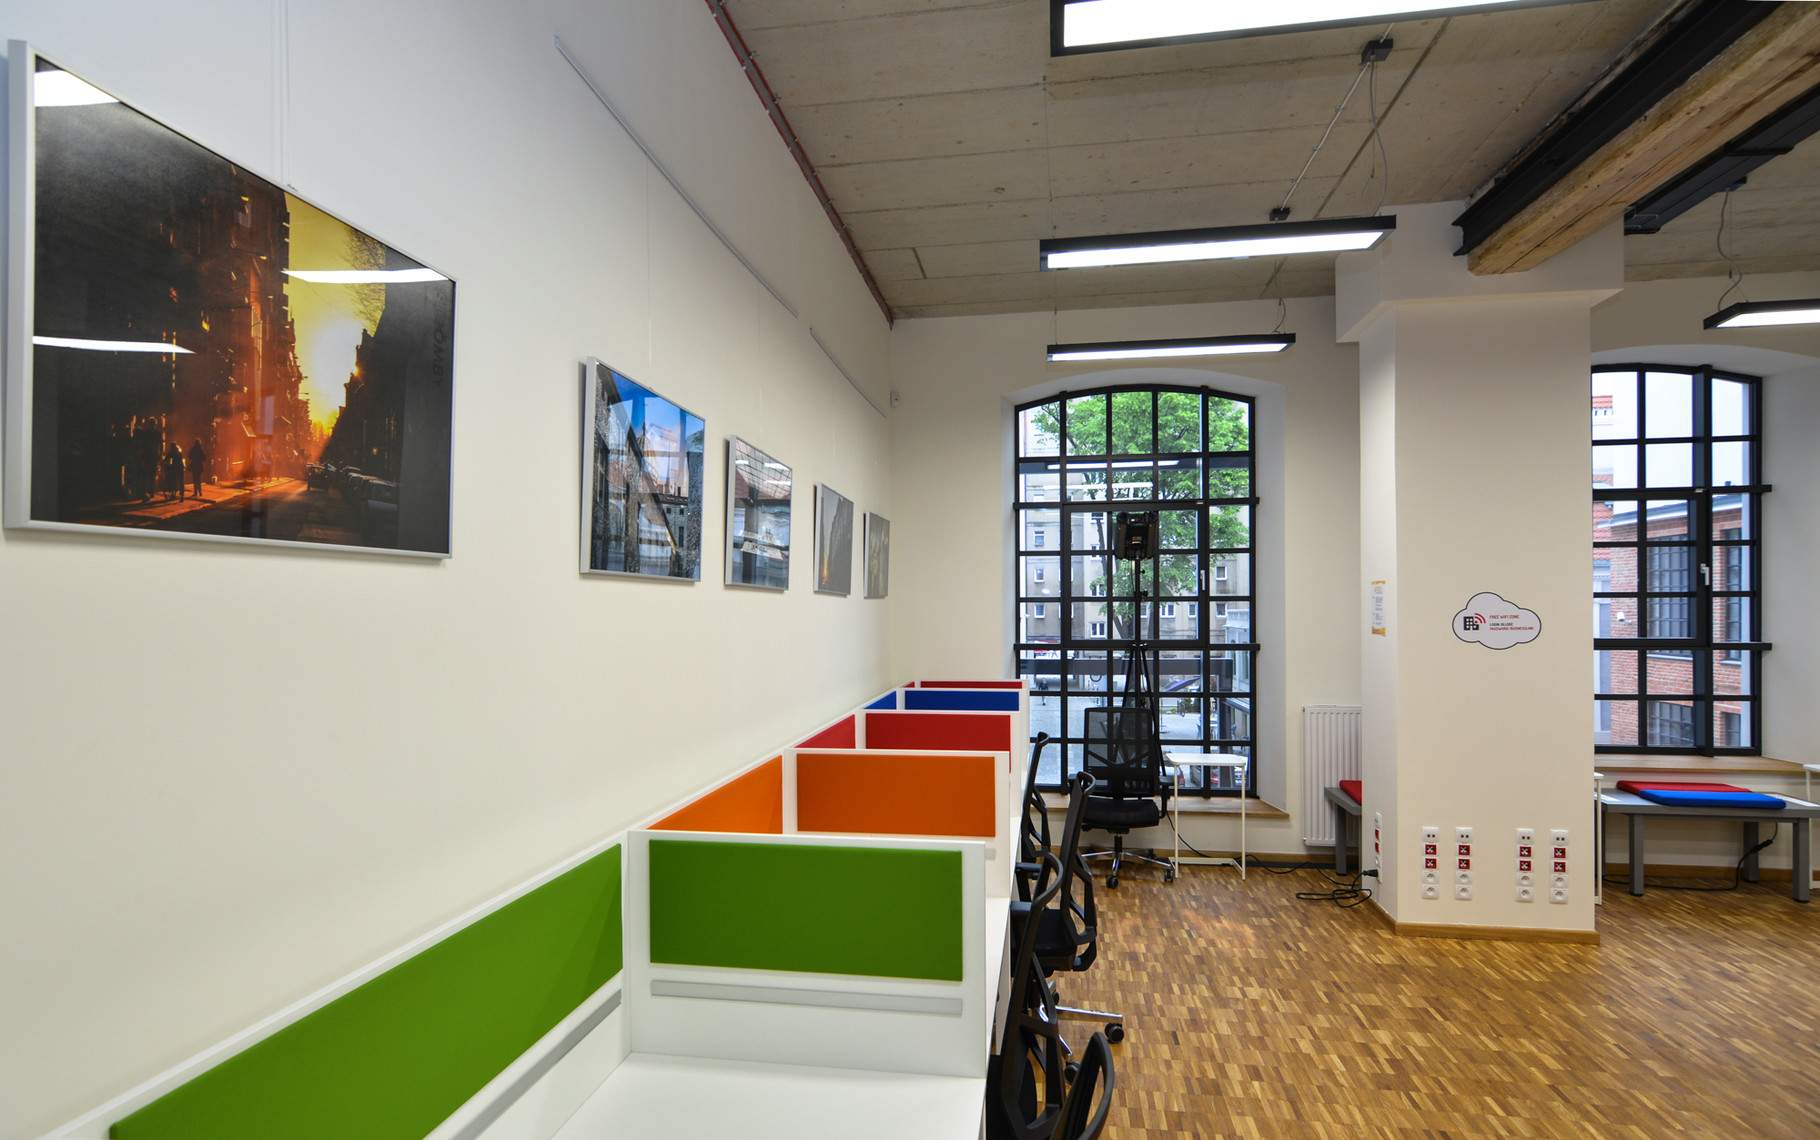 Fotografie w siedzibie Business Link Łódź